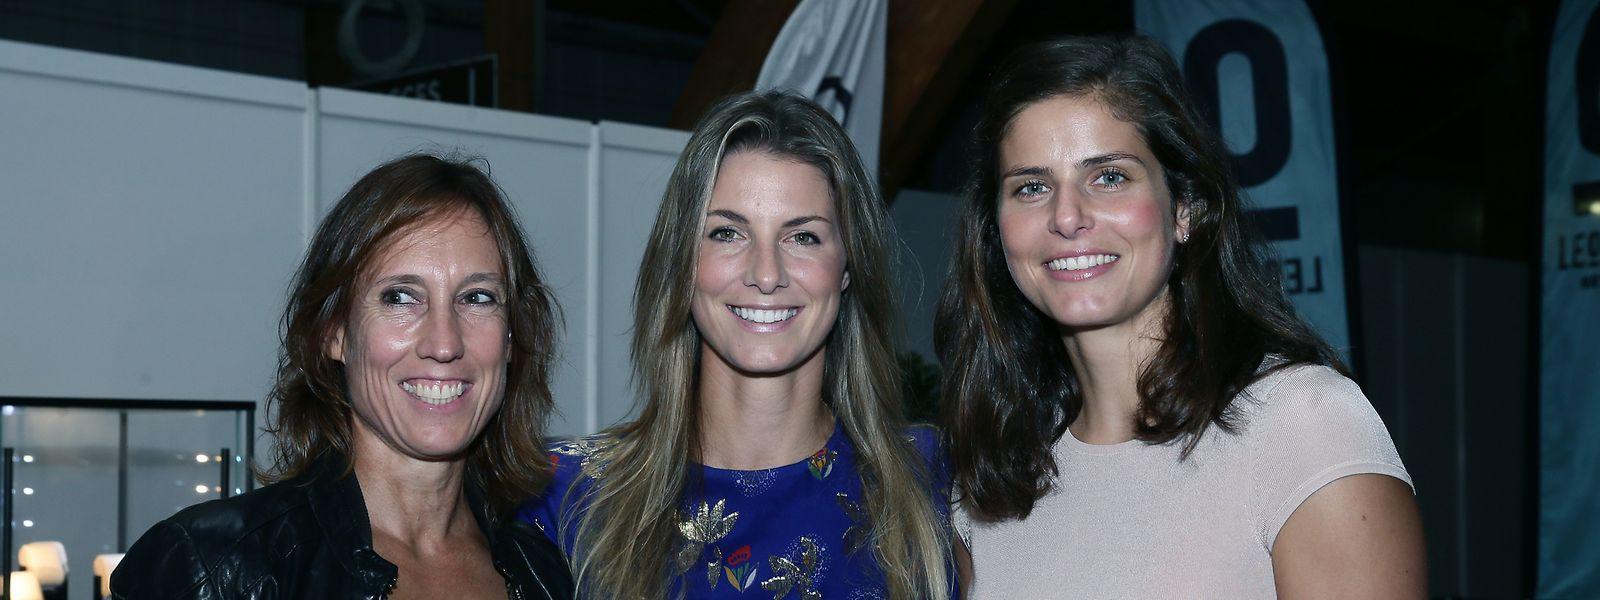 Gut gelaunt: Fed-Cup-Kapitän Anne Kremer, Mandy Minella und Titelverteidigerin Julia Görges (v.l.n.r.).